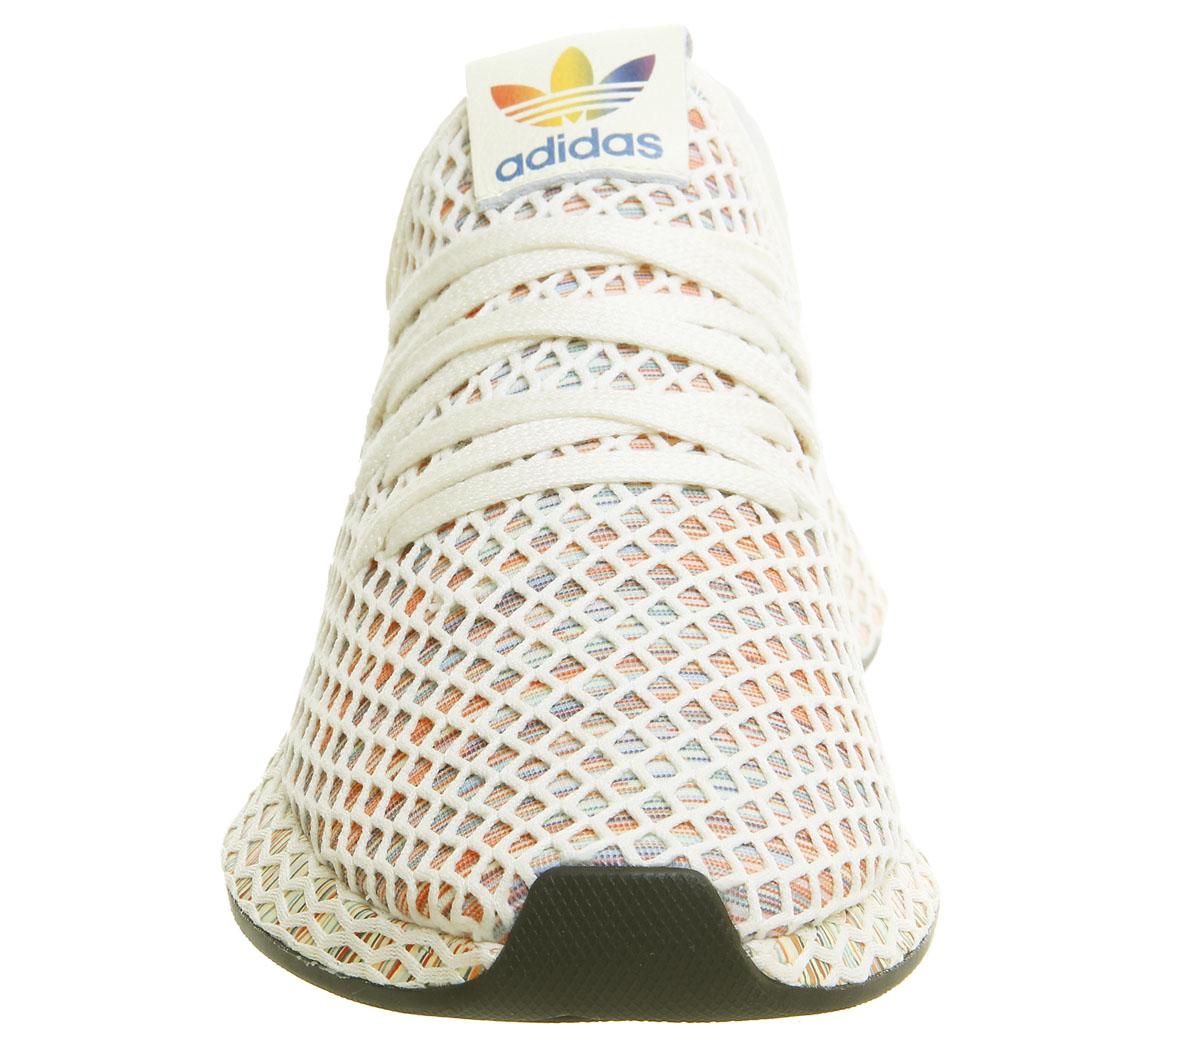 best website f29d0 e6a06 Hommes-Adidas-deerupt-Baskets-Pride-Blanc-Creme-Core-